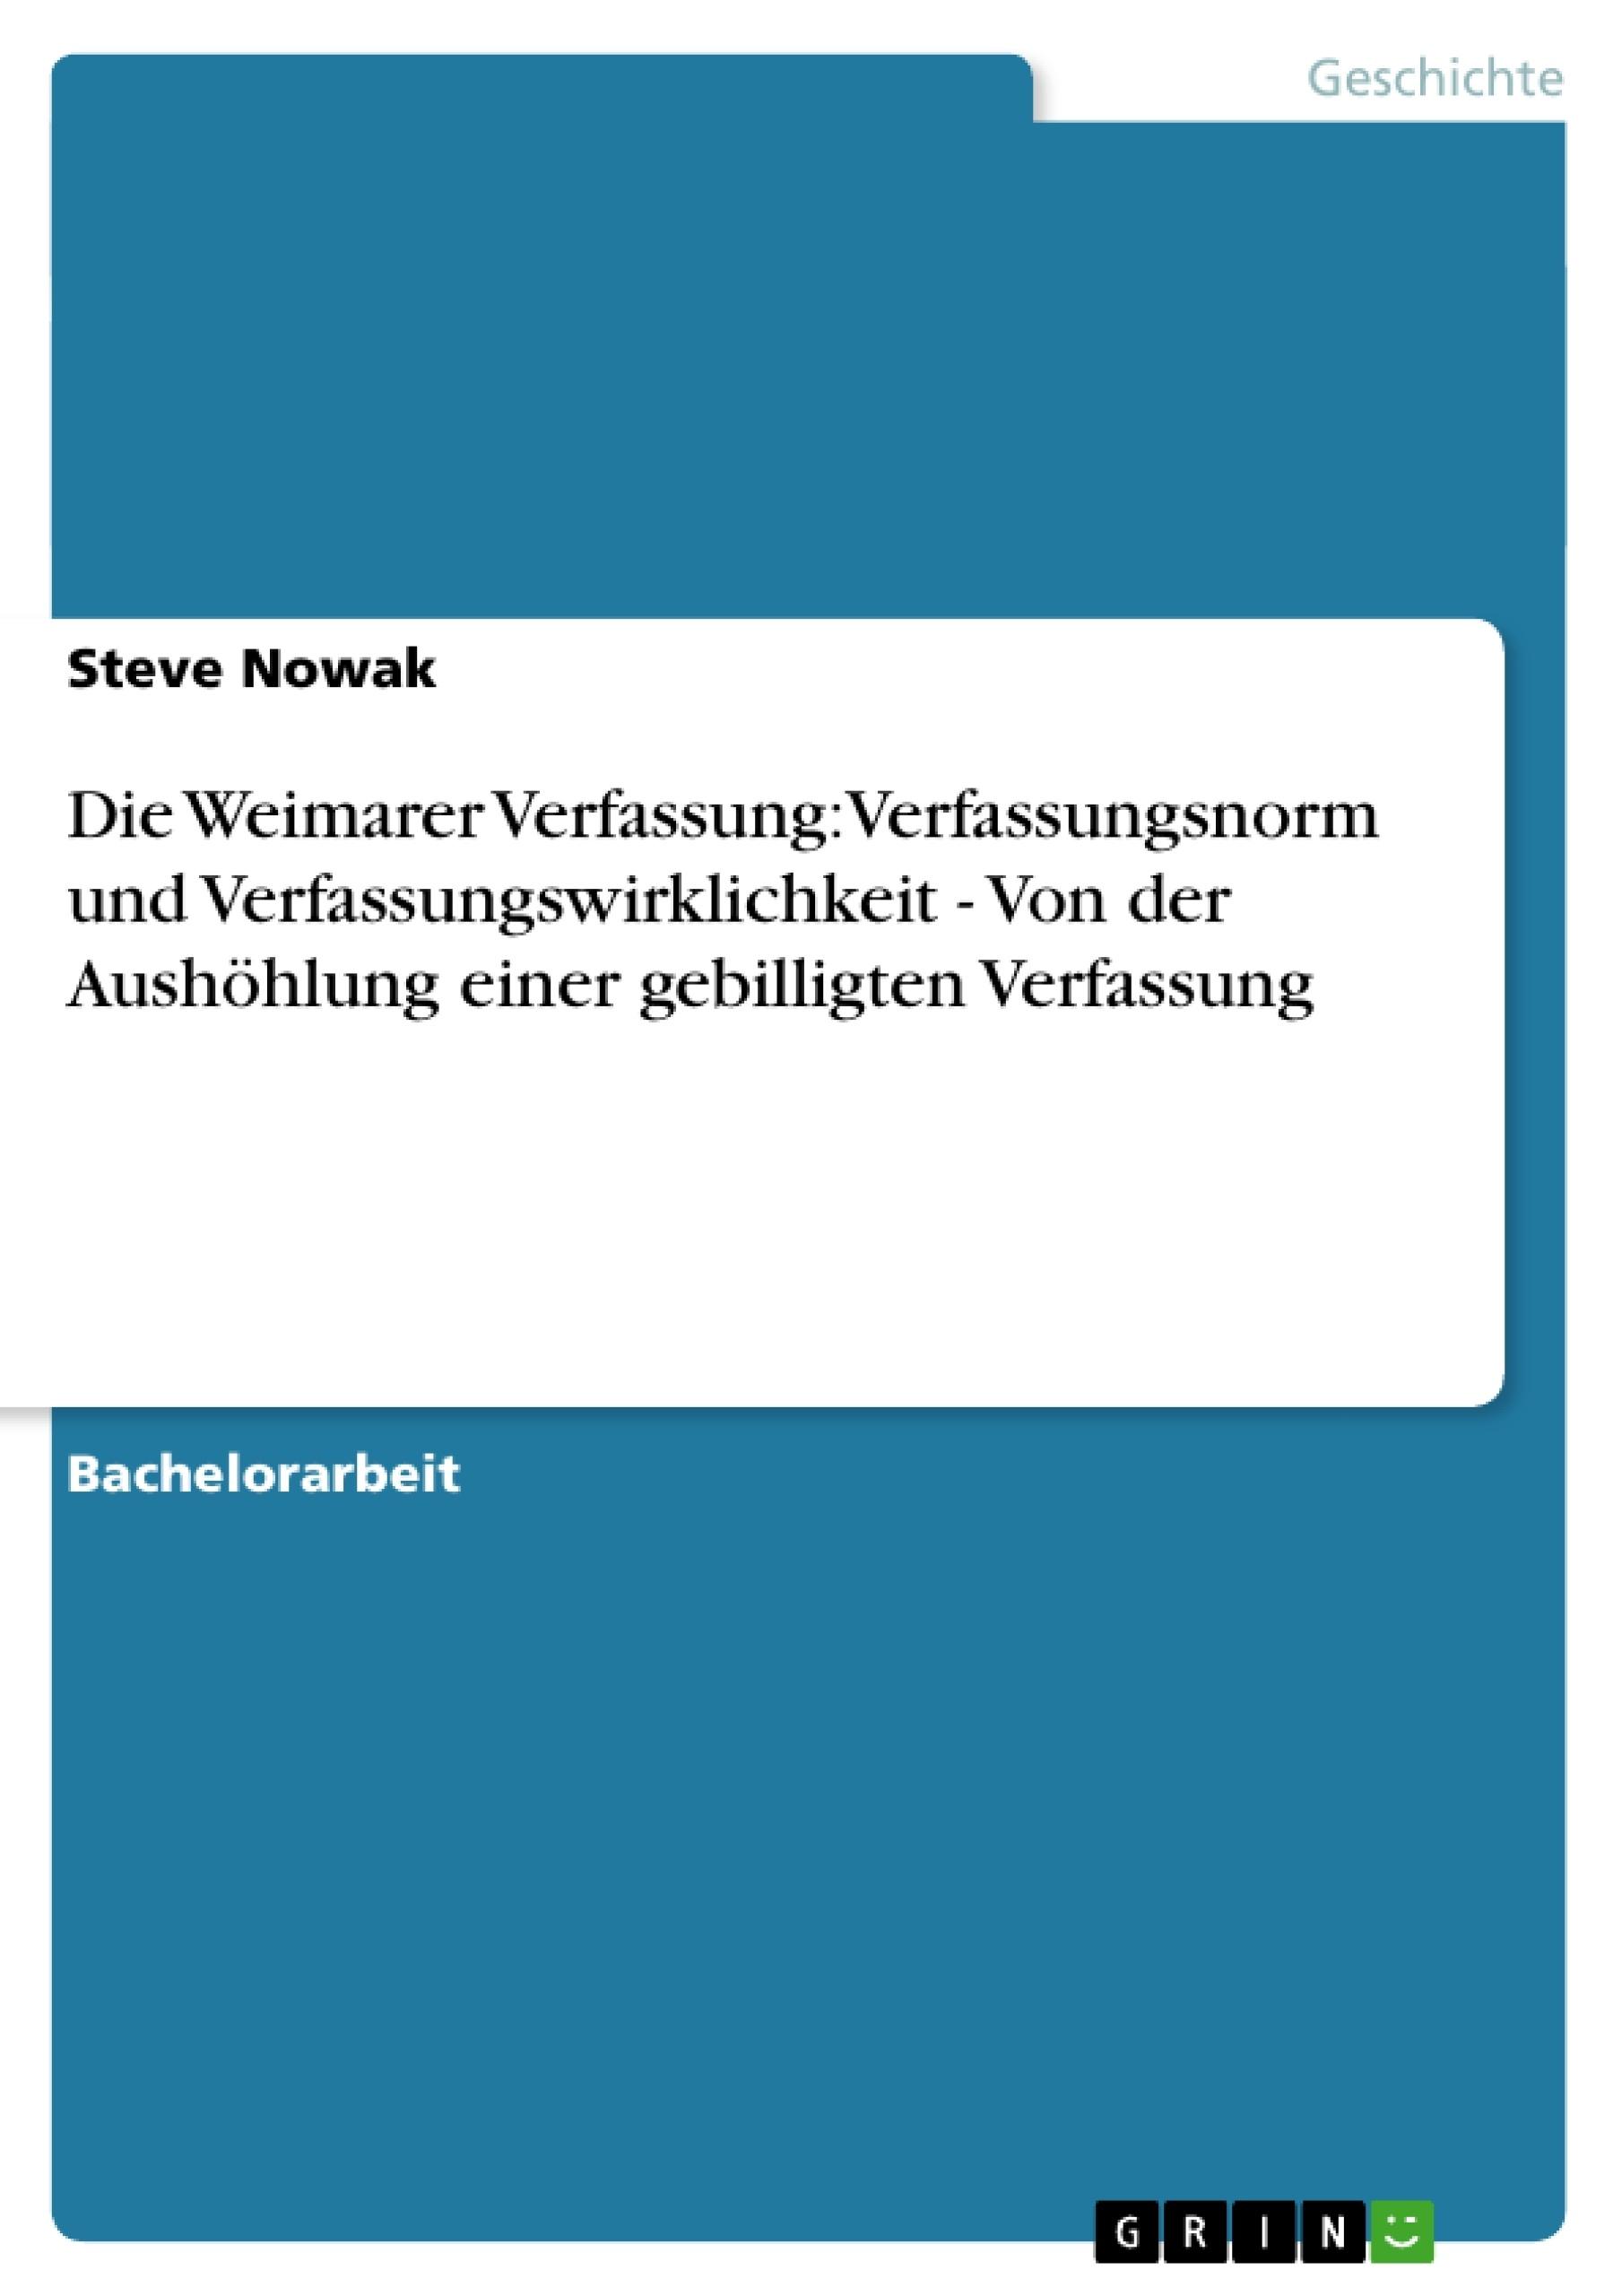 Titel: Die Weimarer Verfassung: Verfassungsnorm und Verfassungswirklichkeit - Von der Aushöhlung einer gebilligten Verfassung